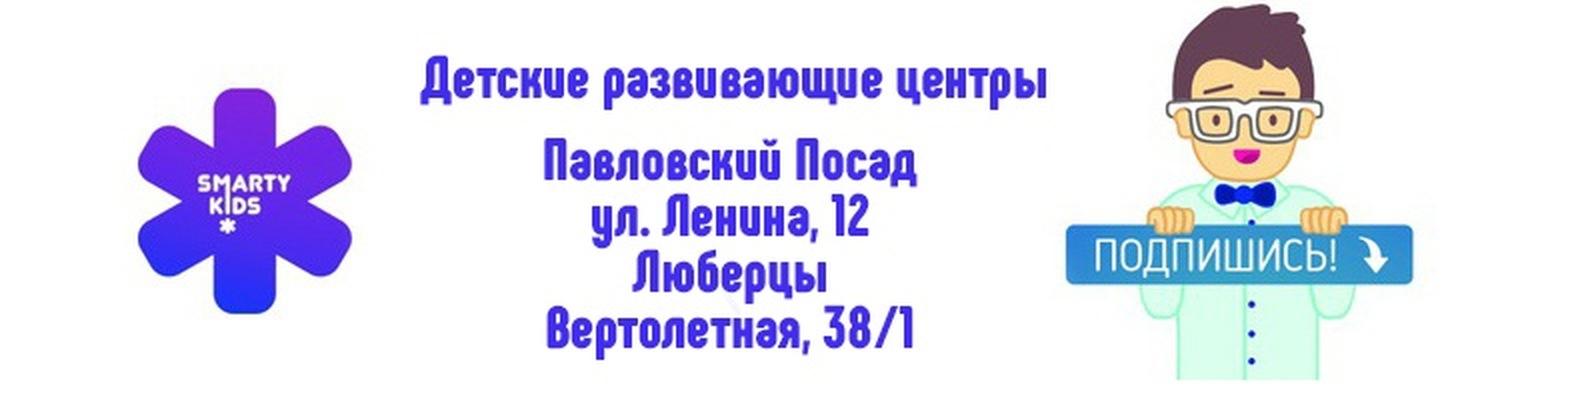 Больничный лист Павловский Посад 2019